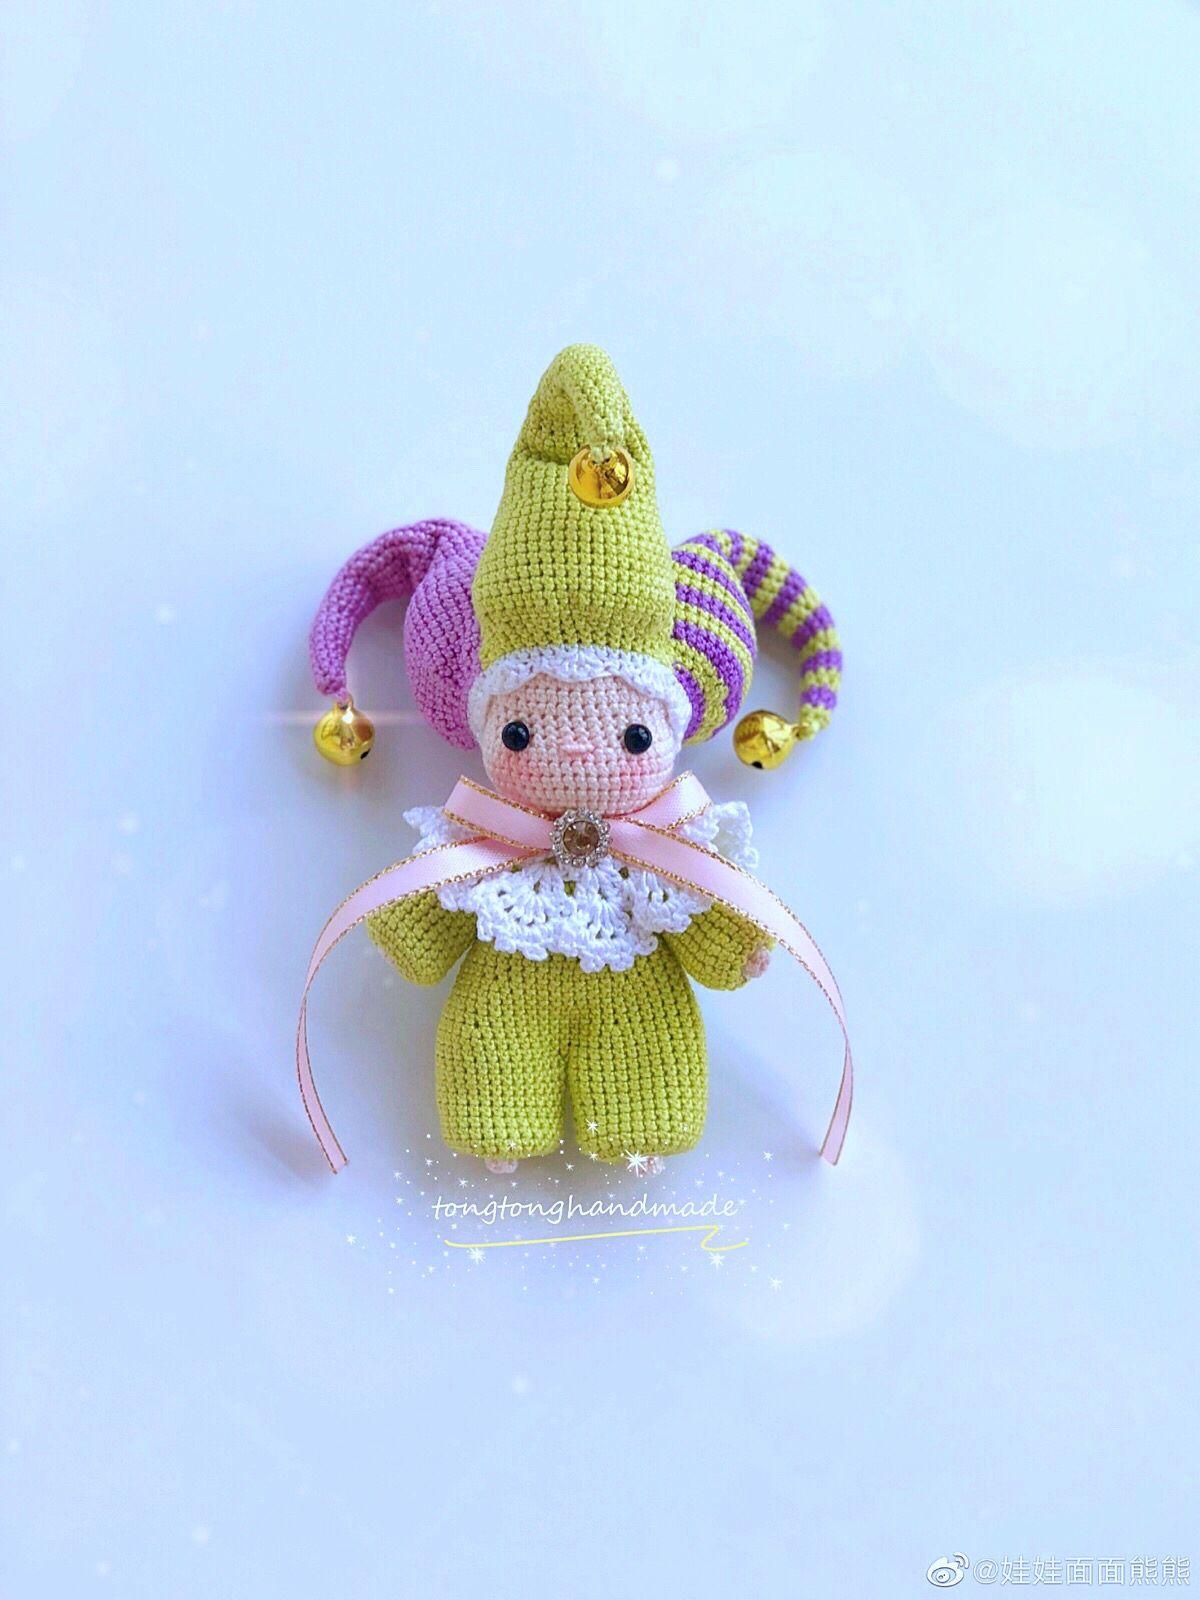 Weibo crochet activity @ 小糯米. Another pose | Boneca de crochet ... | 1600x1200